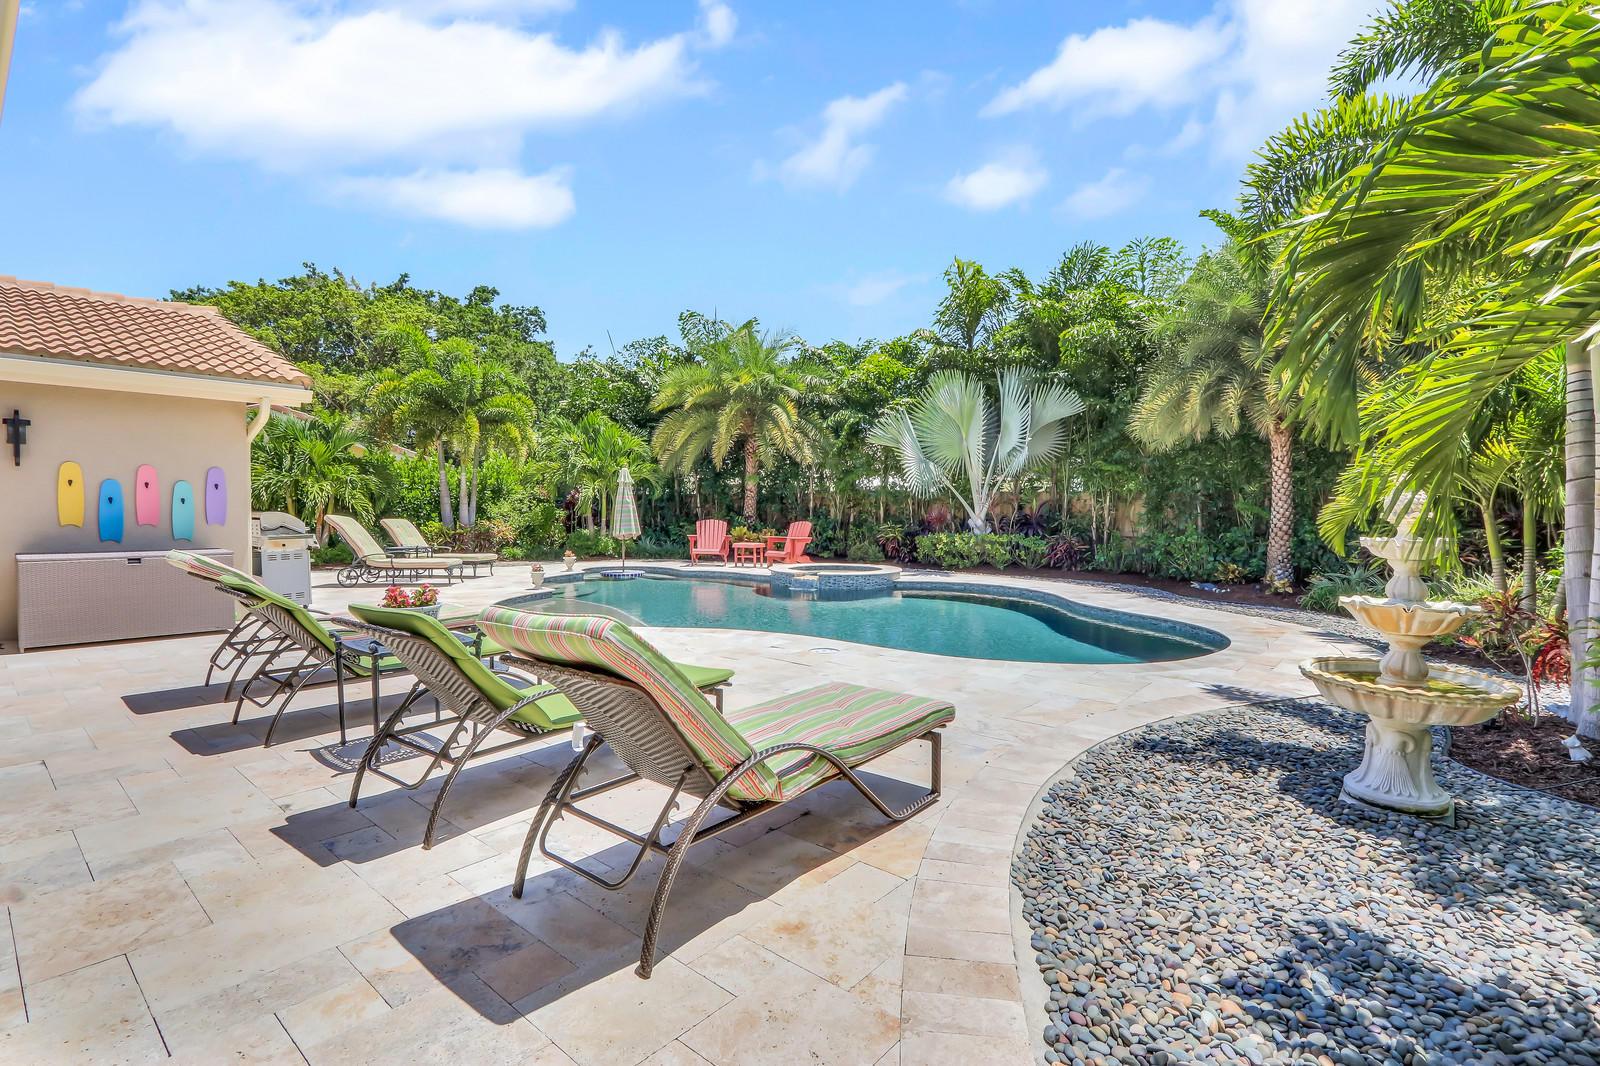 Photo of 5112 Foxpointe Circle, Delray Beach, FL 33445